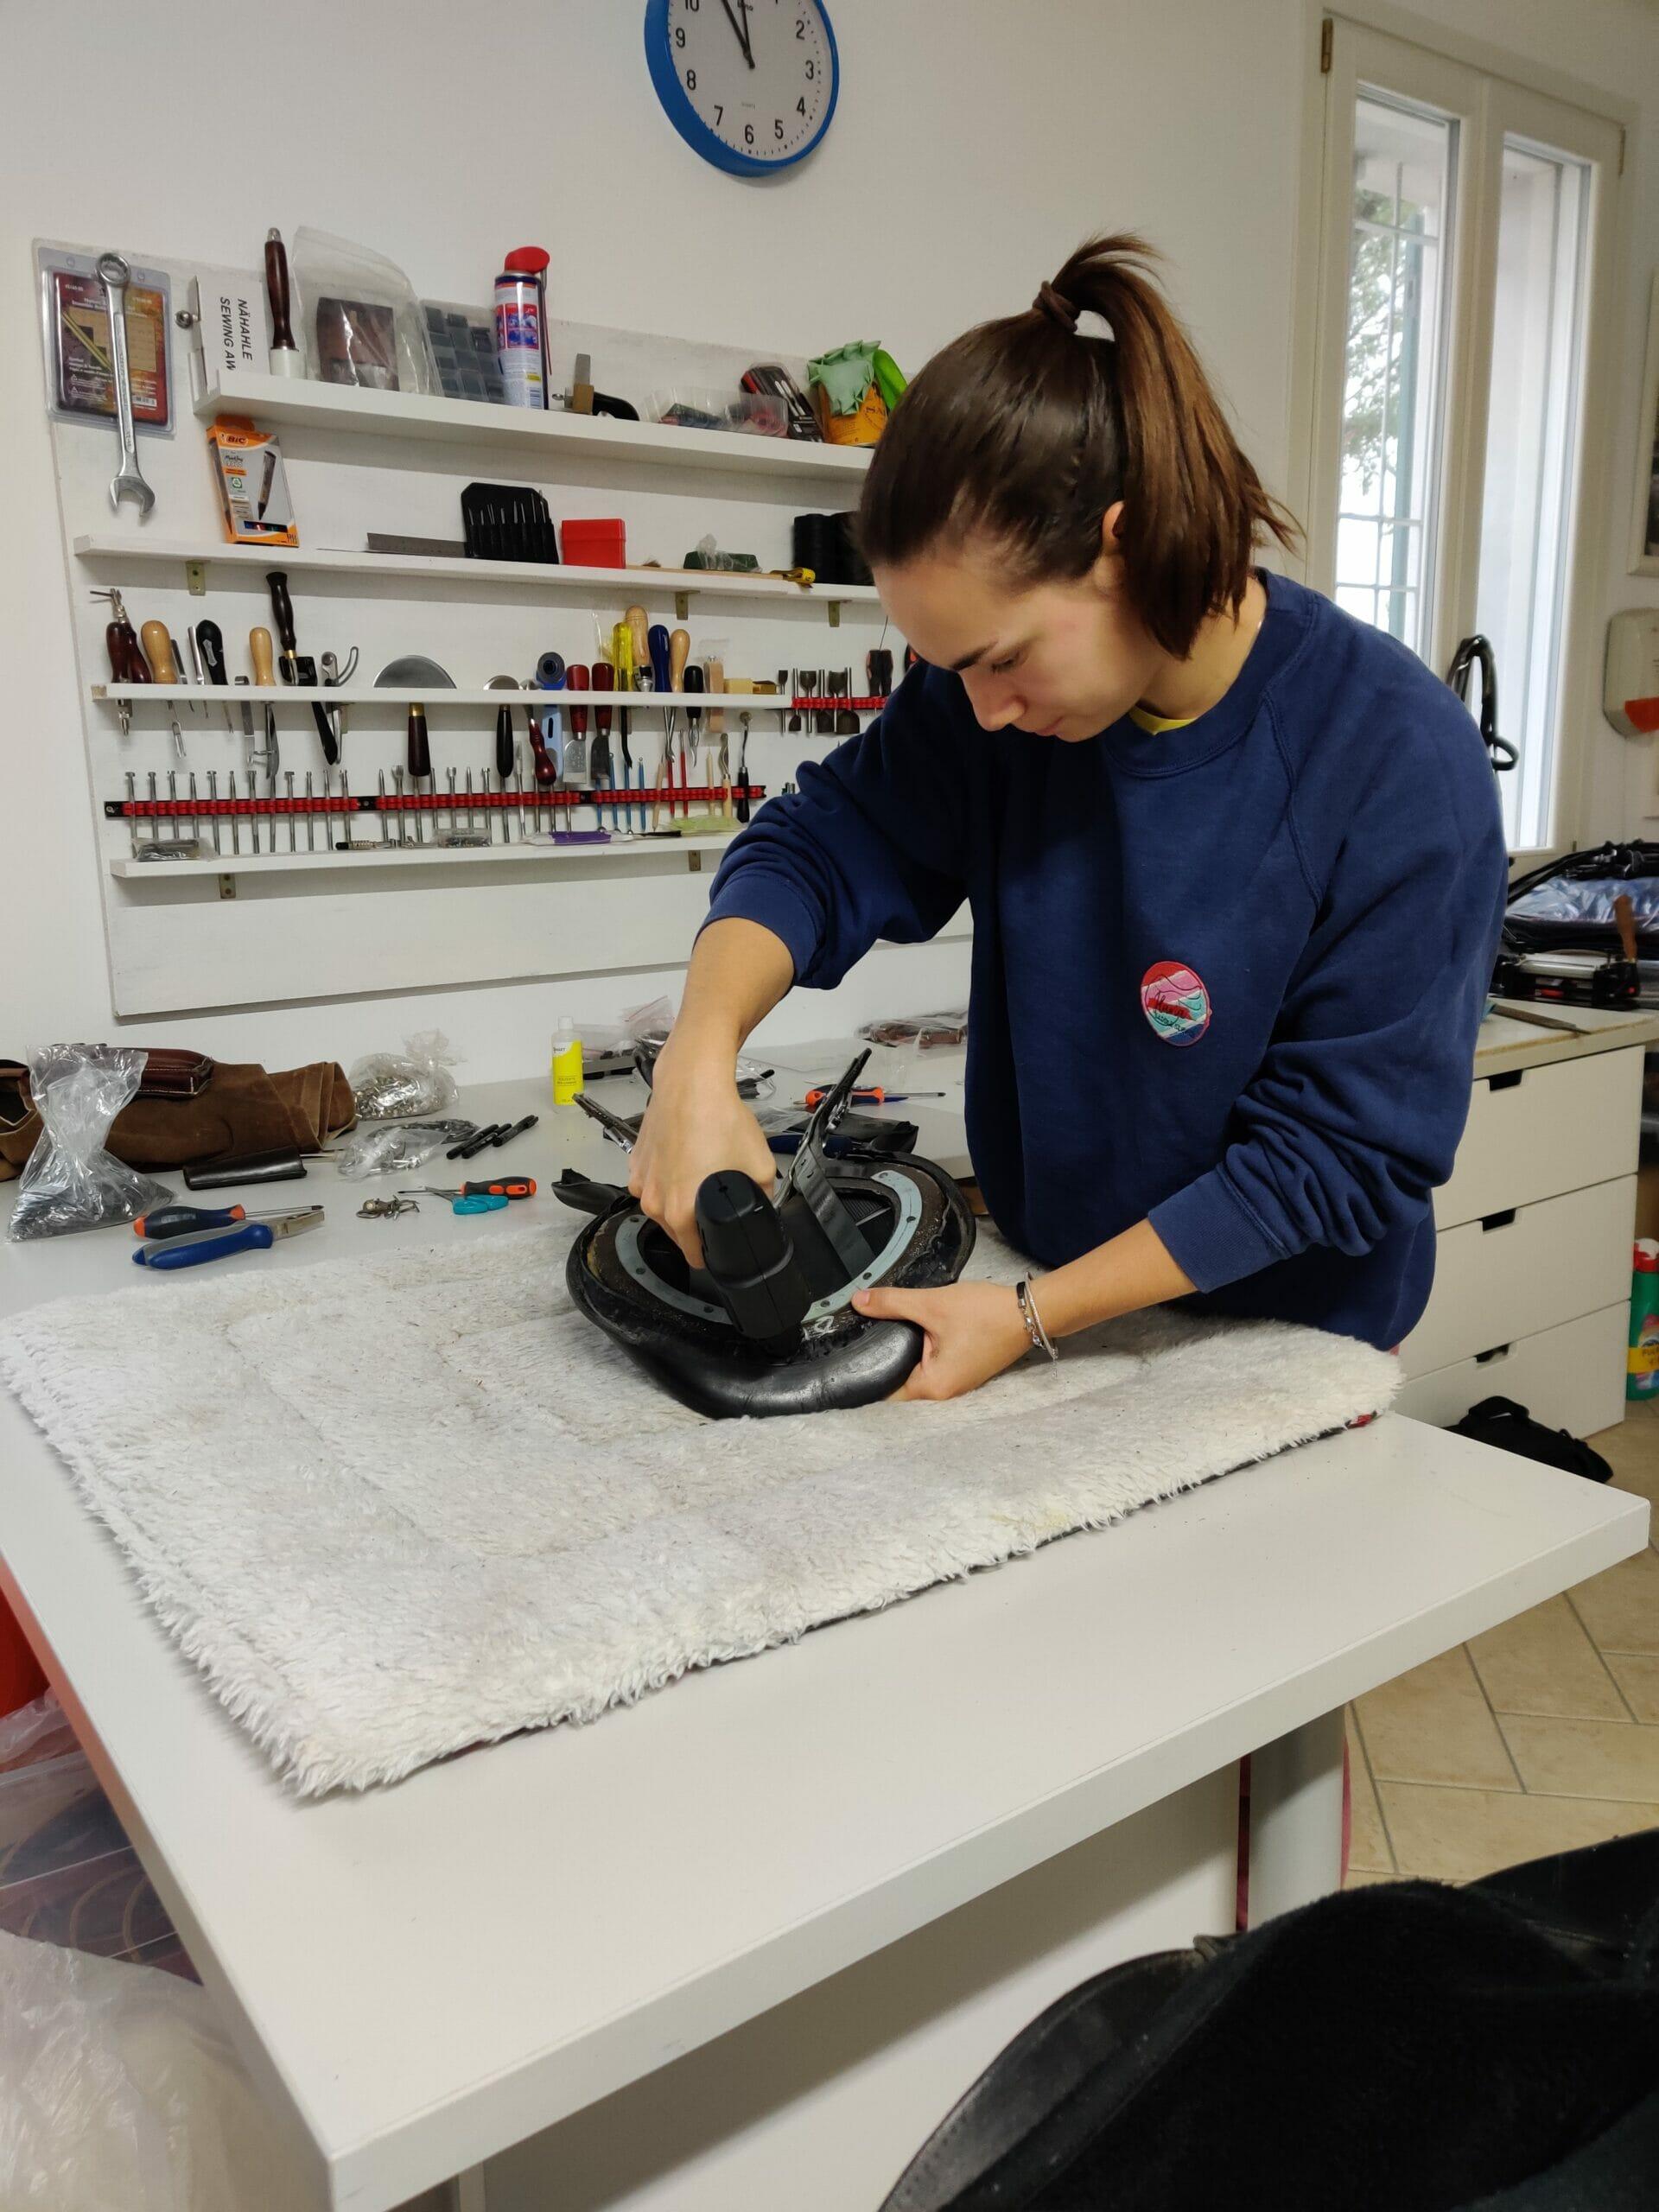 Ilaria saddle service - riparazione selle - sostituzione arcione